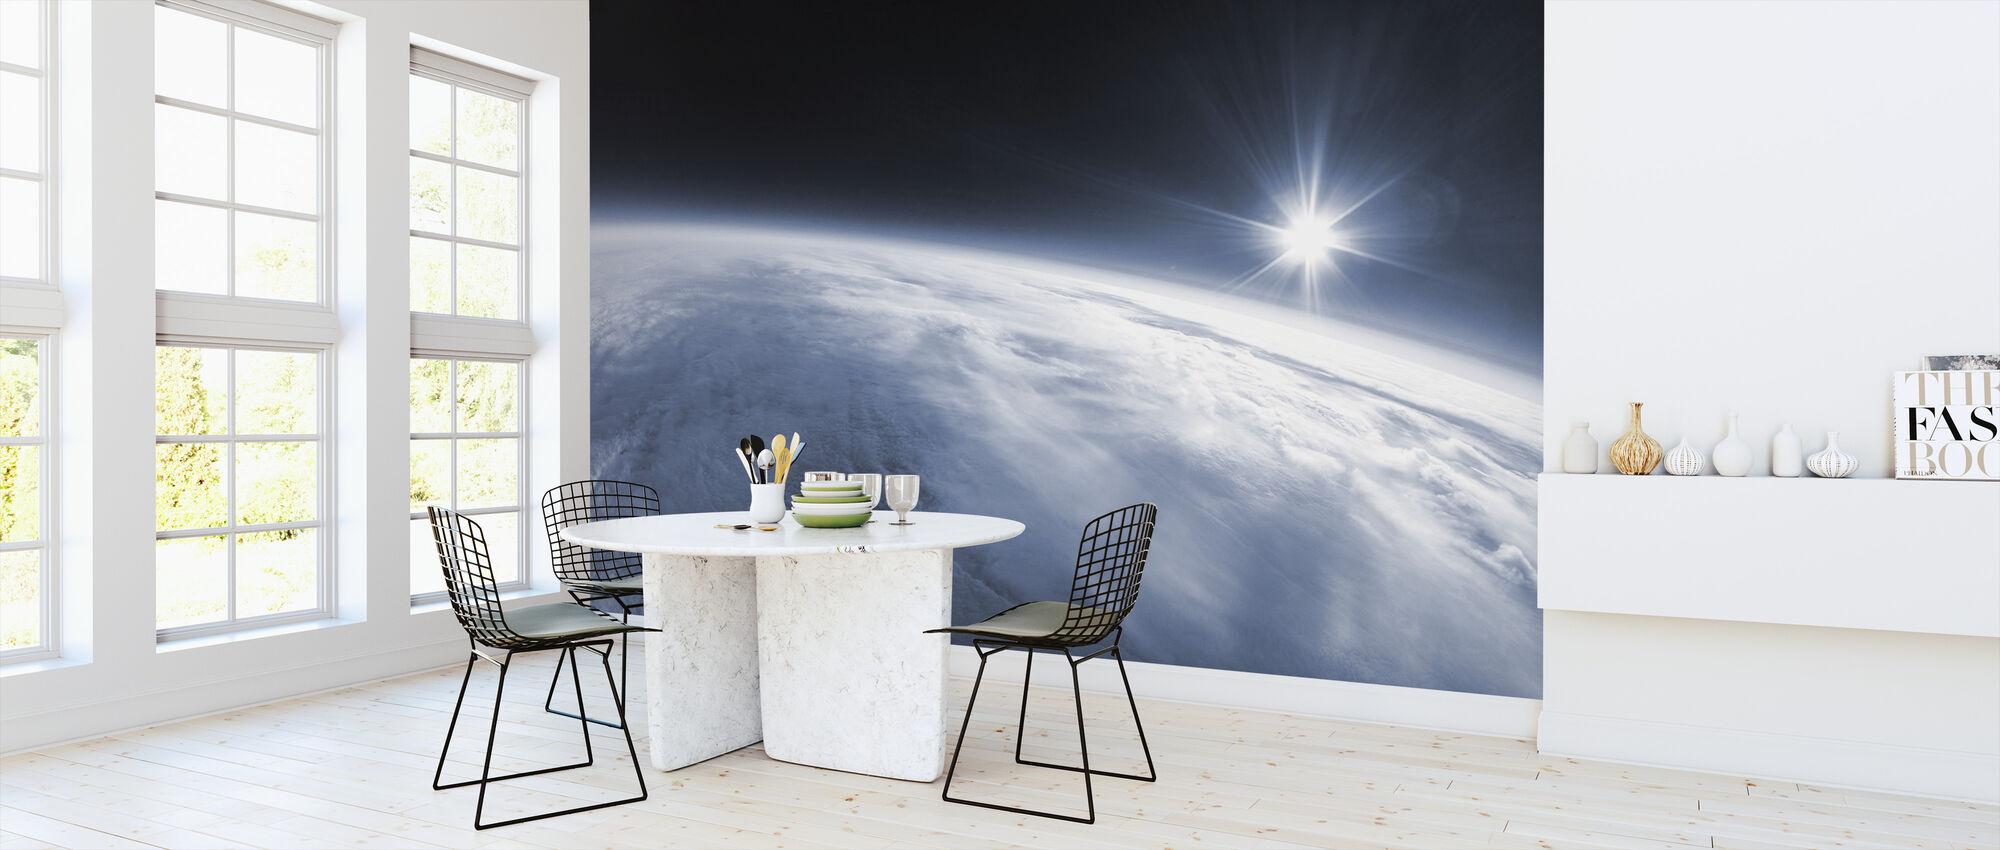 Lähellä Space - Tapetti - Keittiö